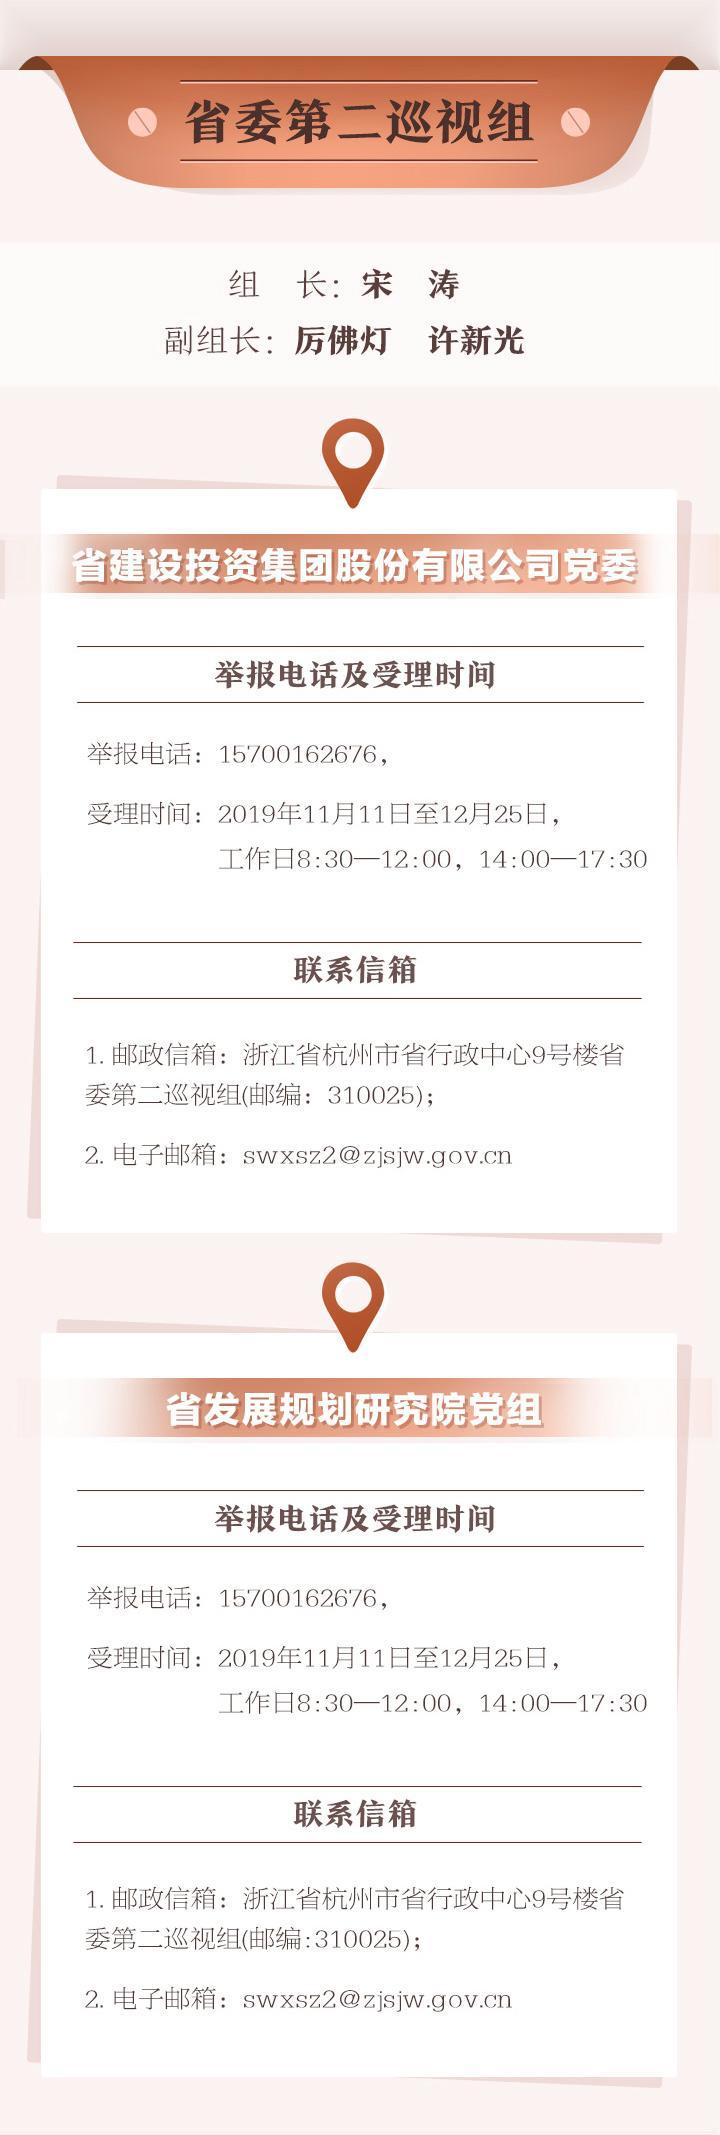 十四届省委第七轮巡视进驻情况一览表_03.jpg